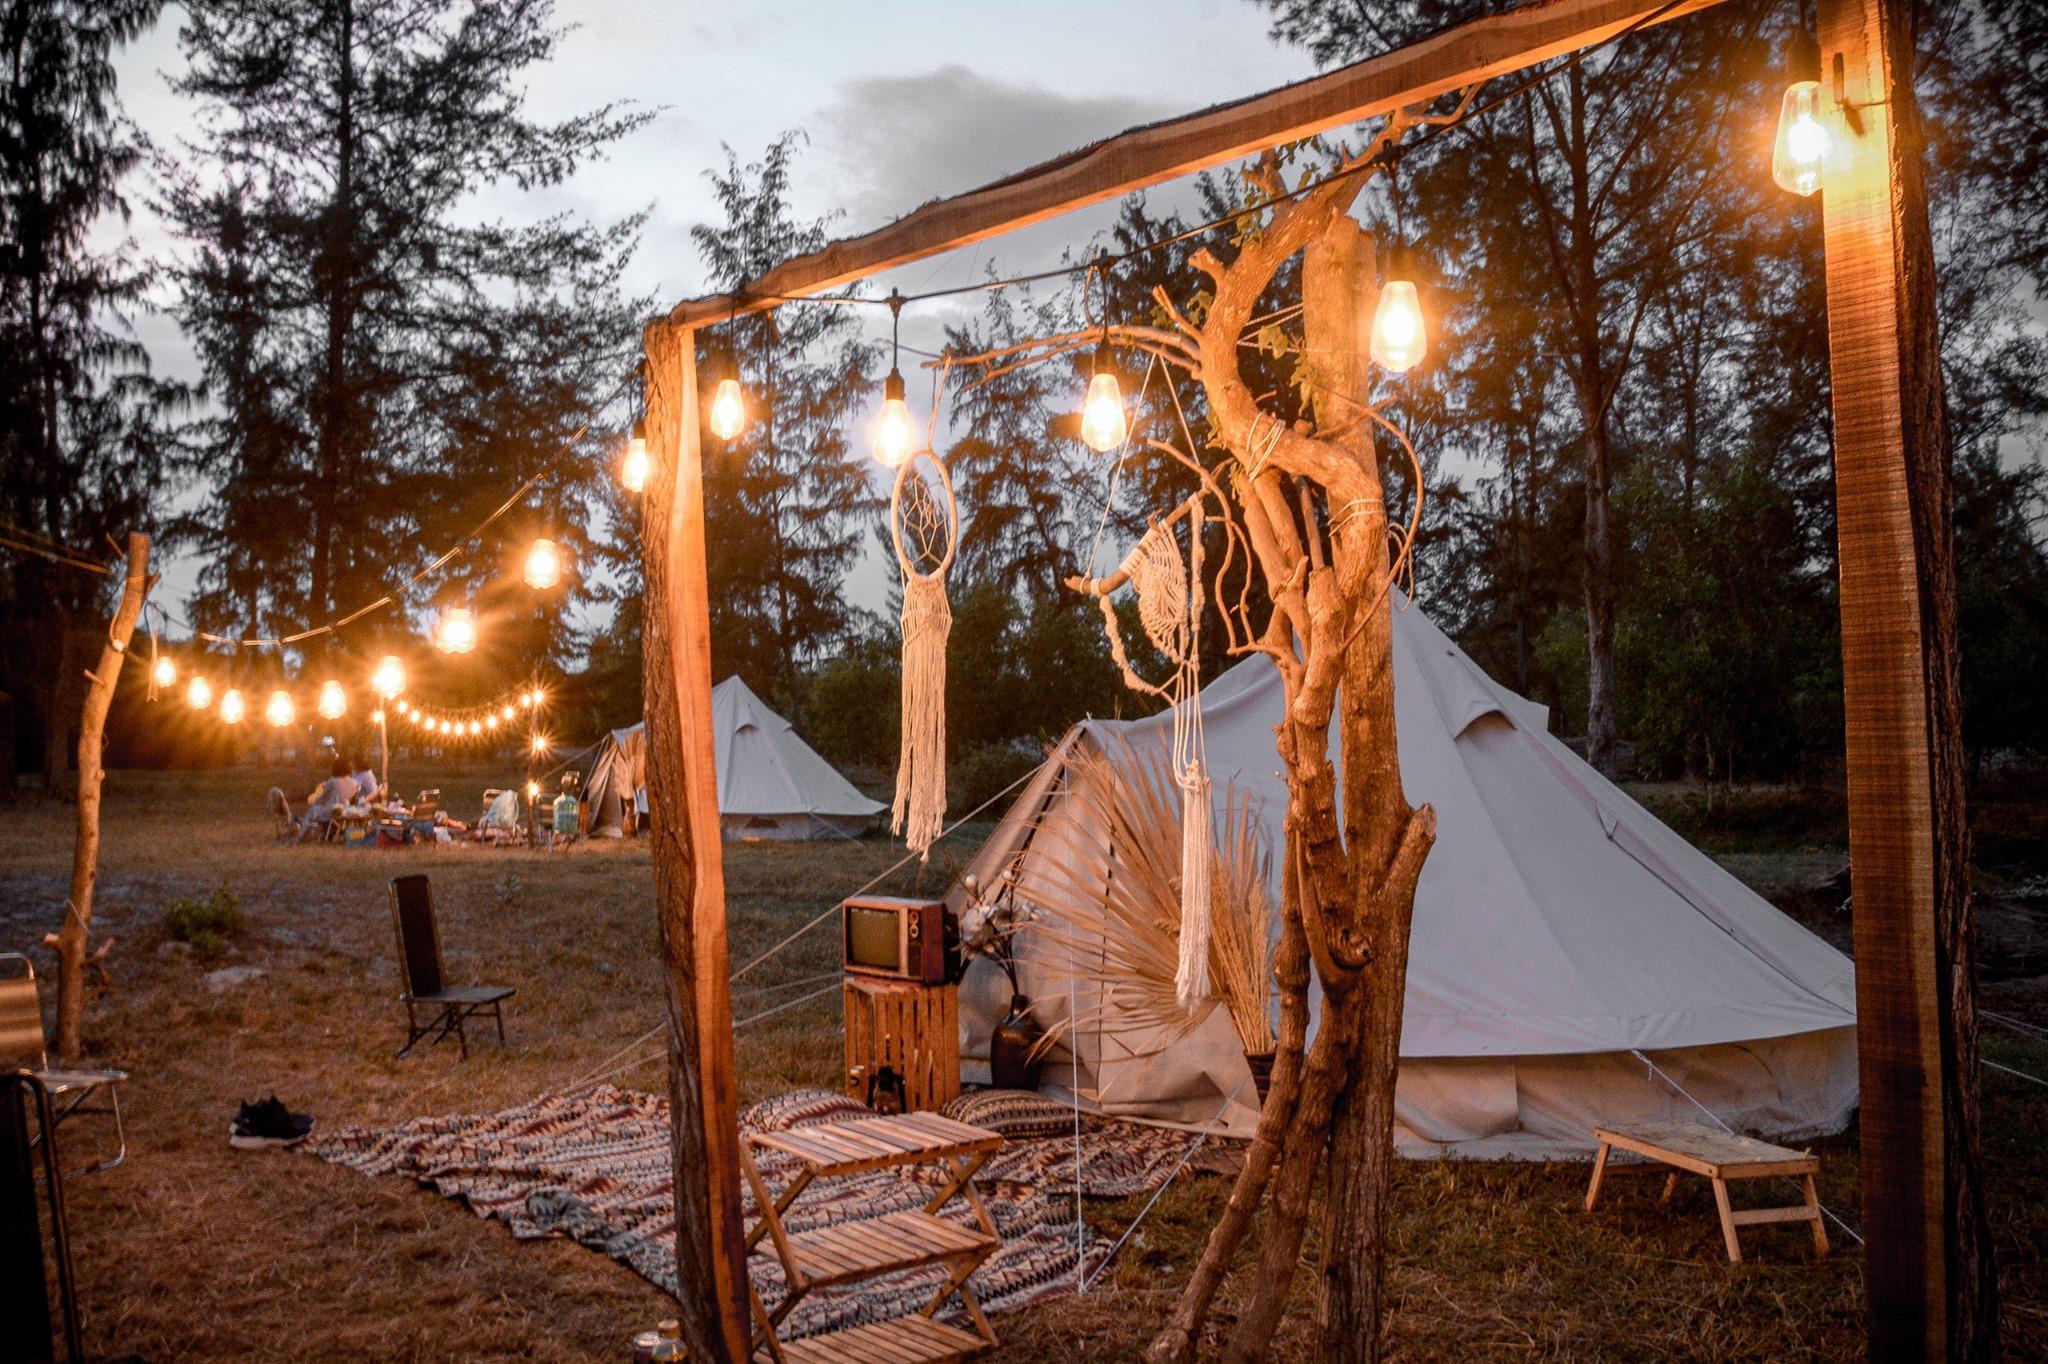 Cắm trại ở Đi Bụi Camping